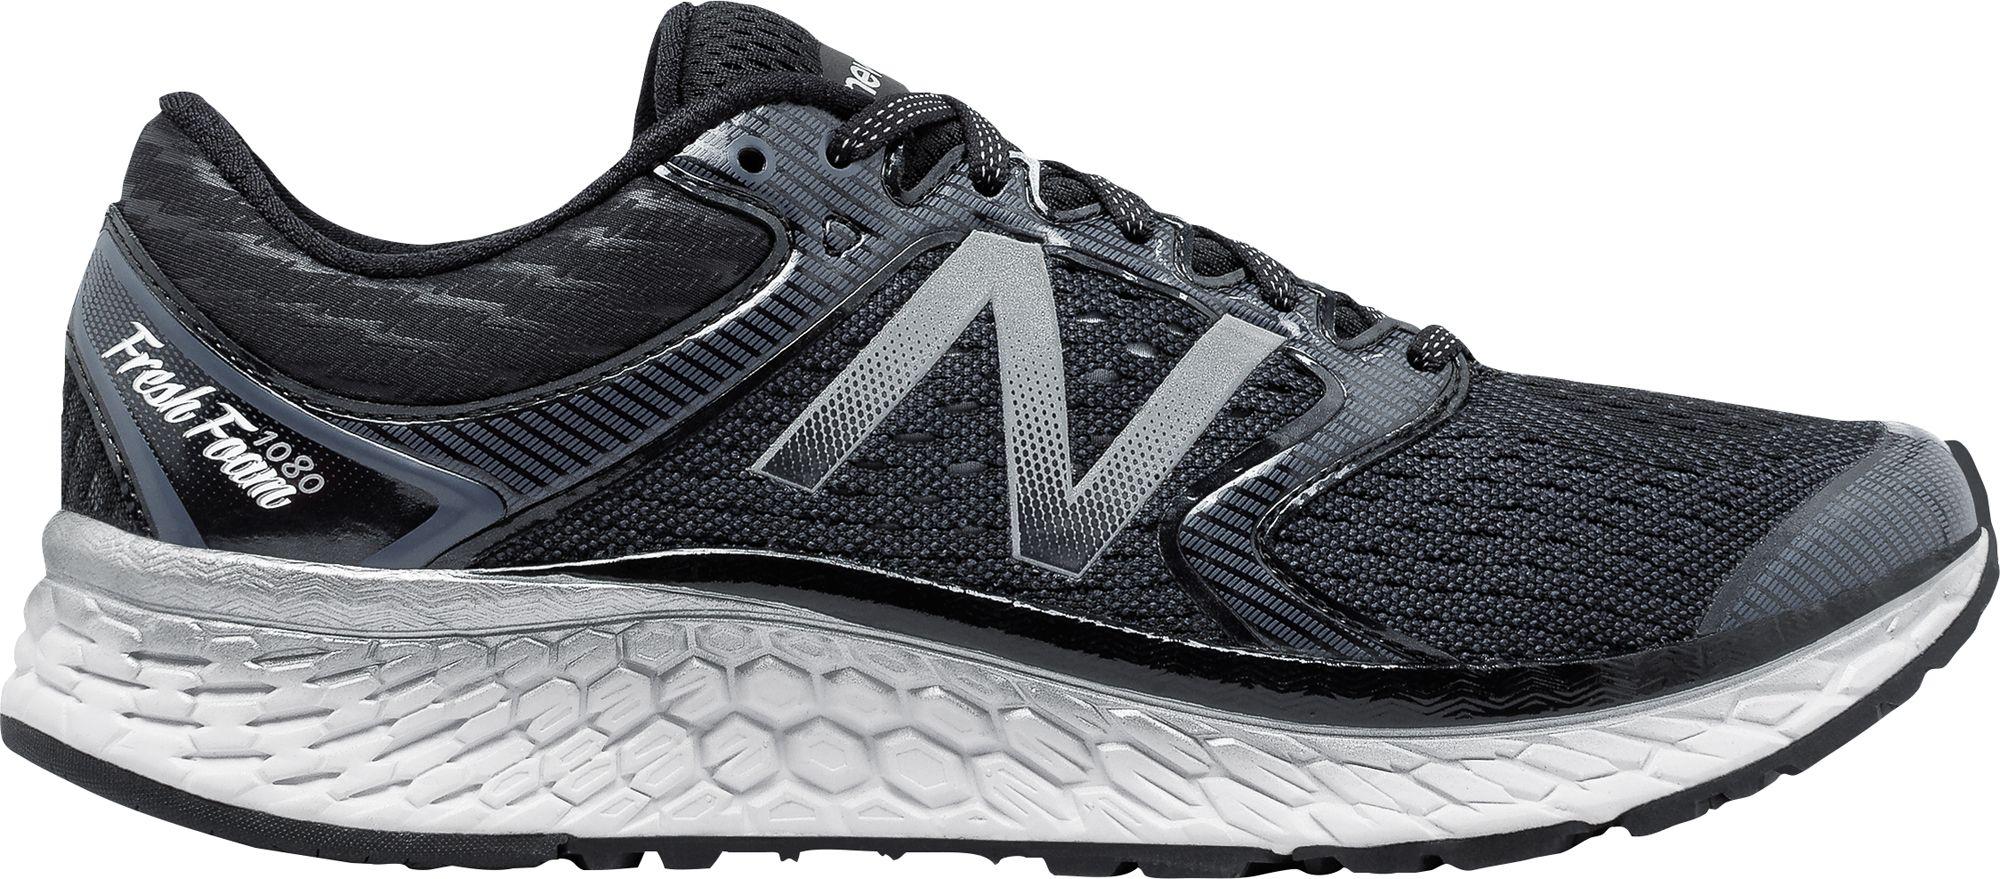 New Balance - Pré-école 990v4 Chaussures, EUR: 34.5 EUR - Width XW, Black